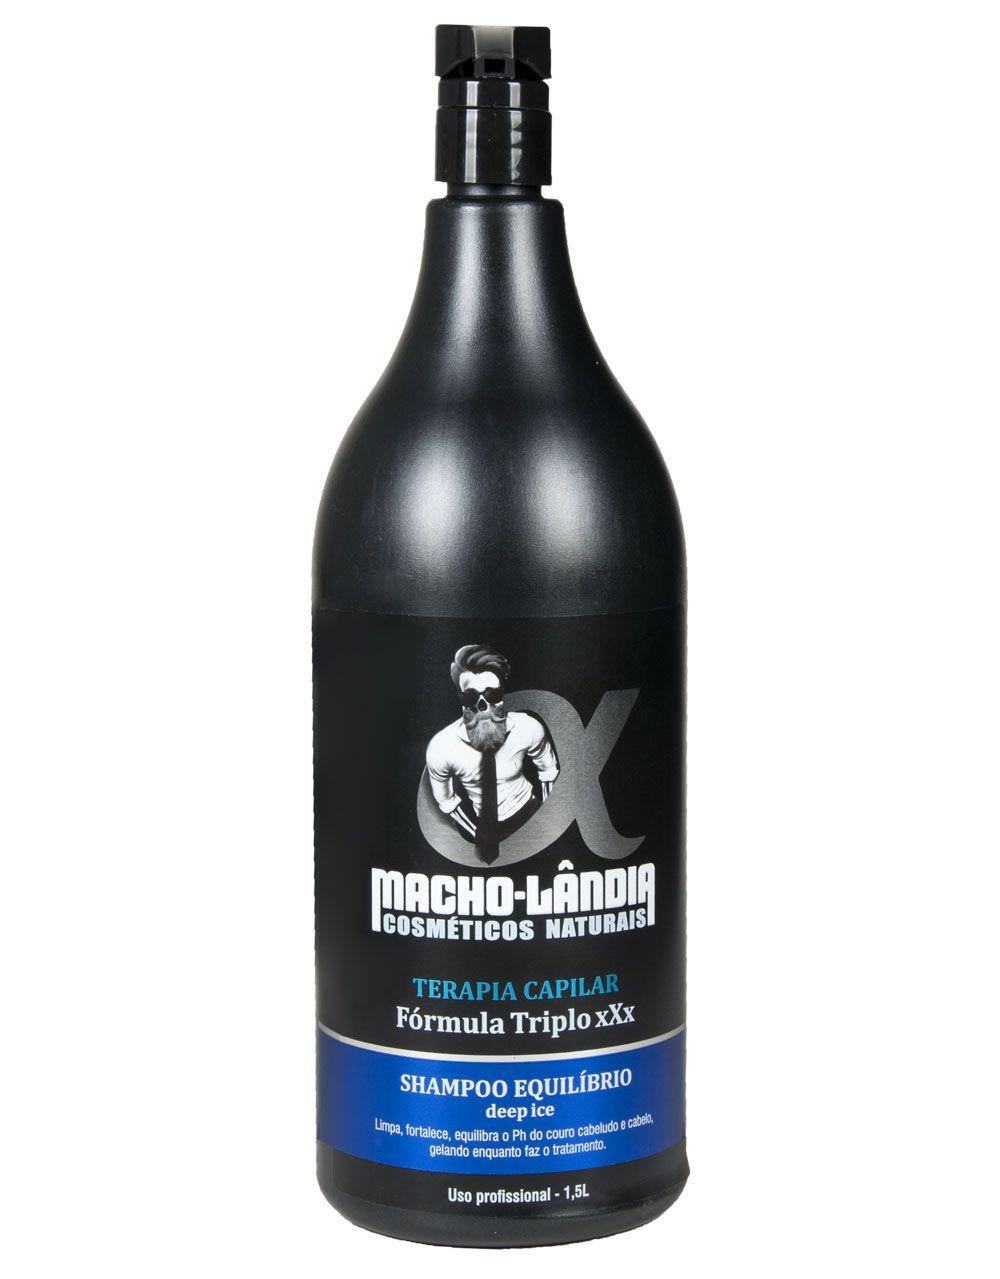 Shampoo Profissional Macho-Lândia Deep Ice - Fórmula Triplo xXx 1,5L